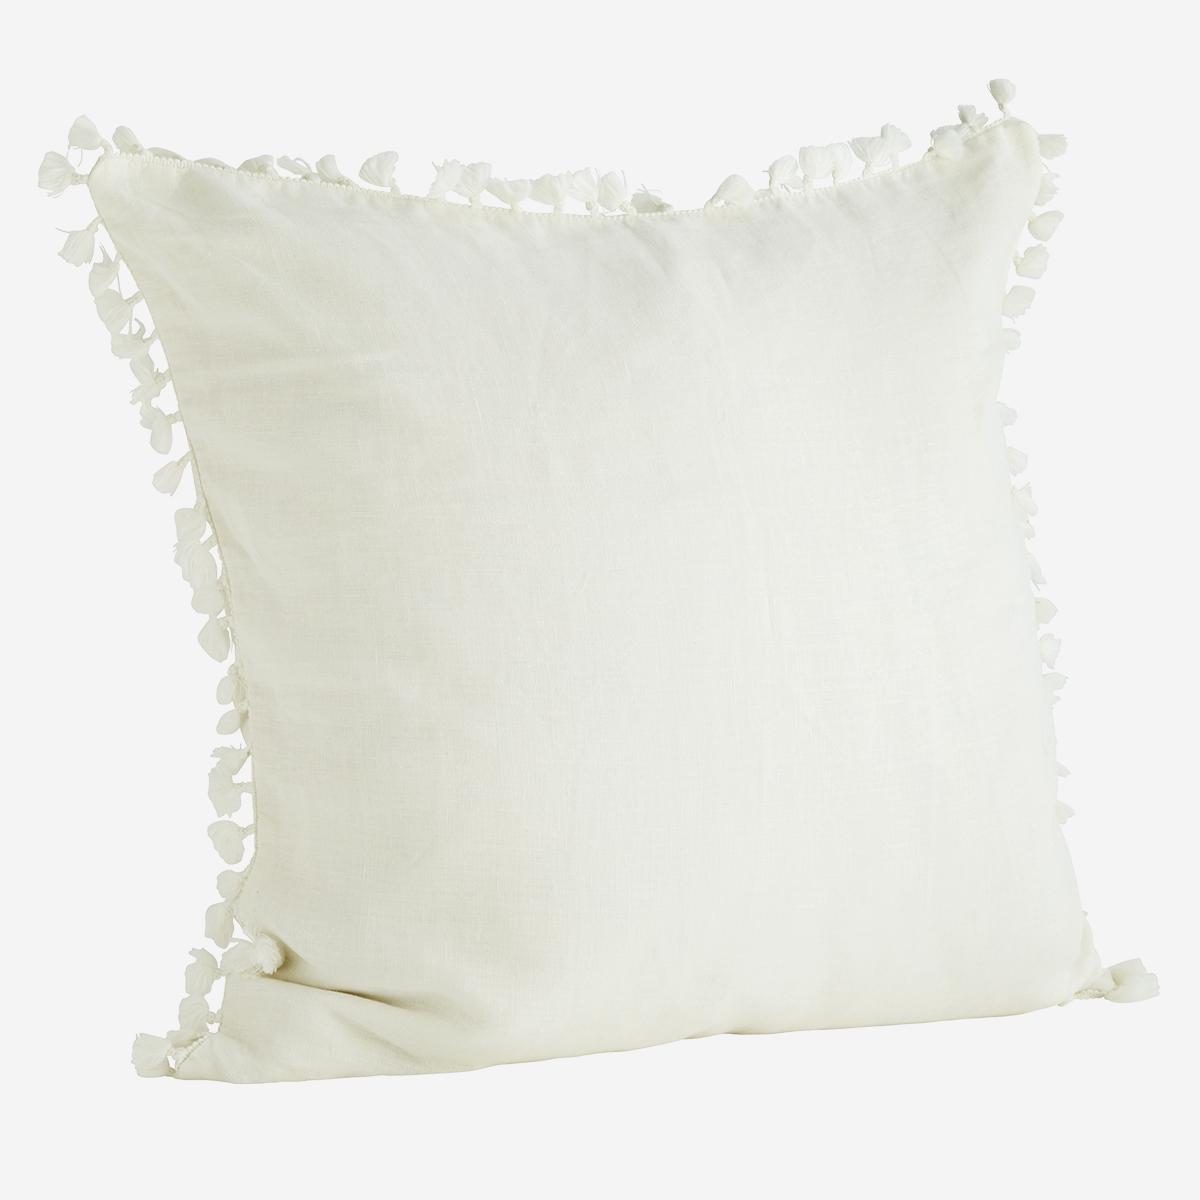 Housse de coussin 60x60 cm floches blanc en lin lavé * Madam Stoltz